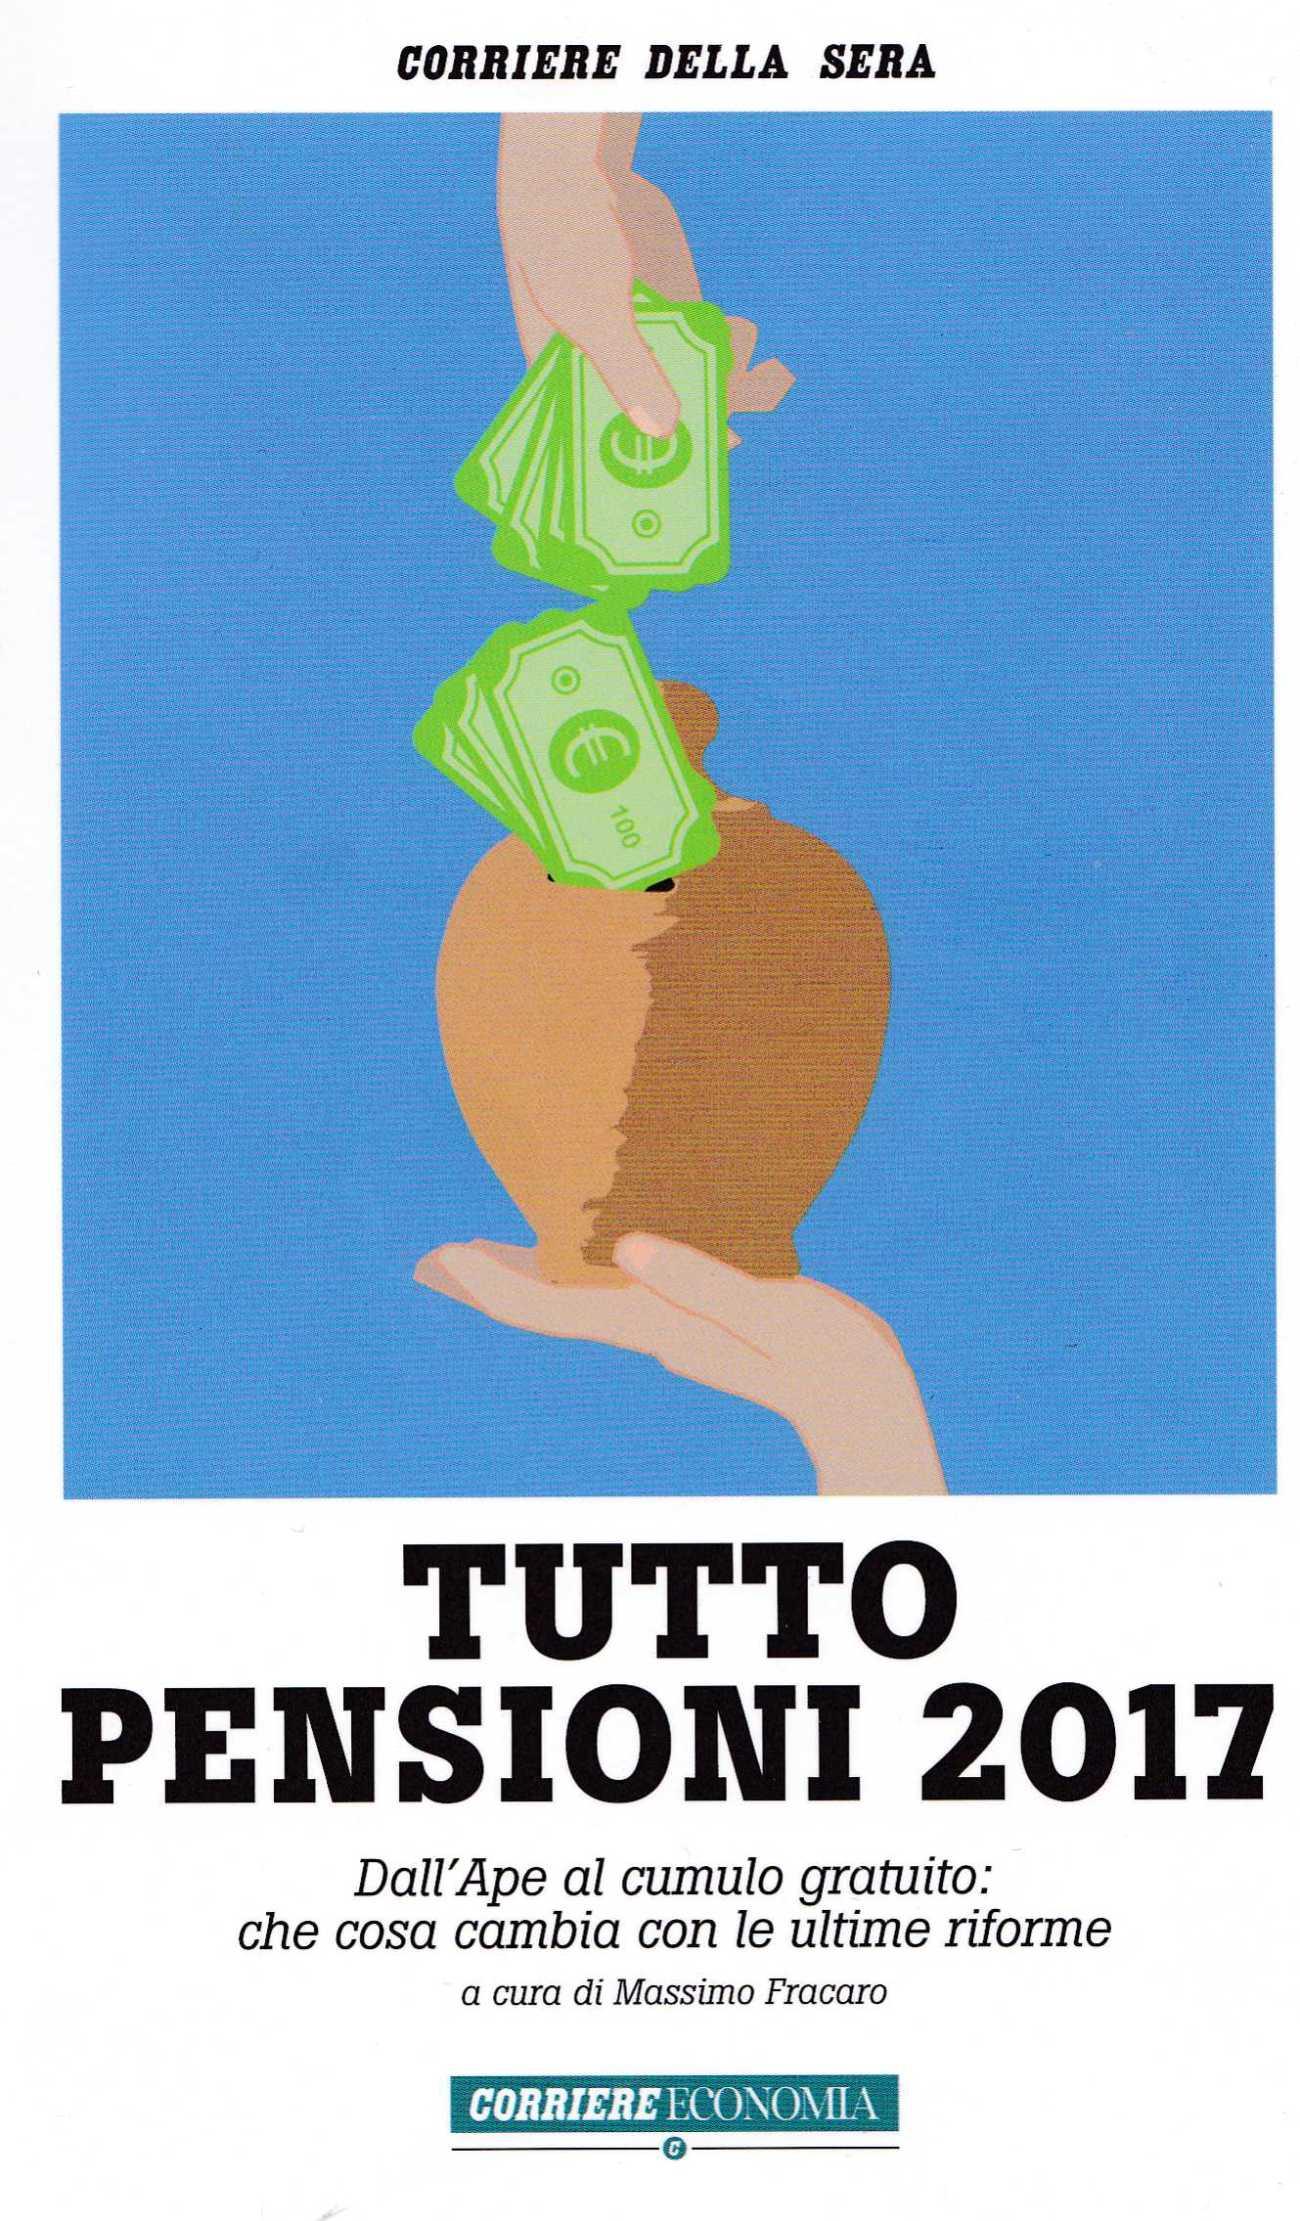 pensioni445